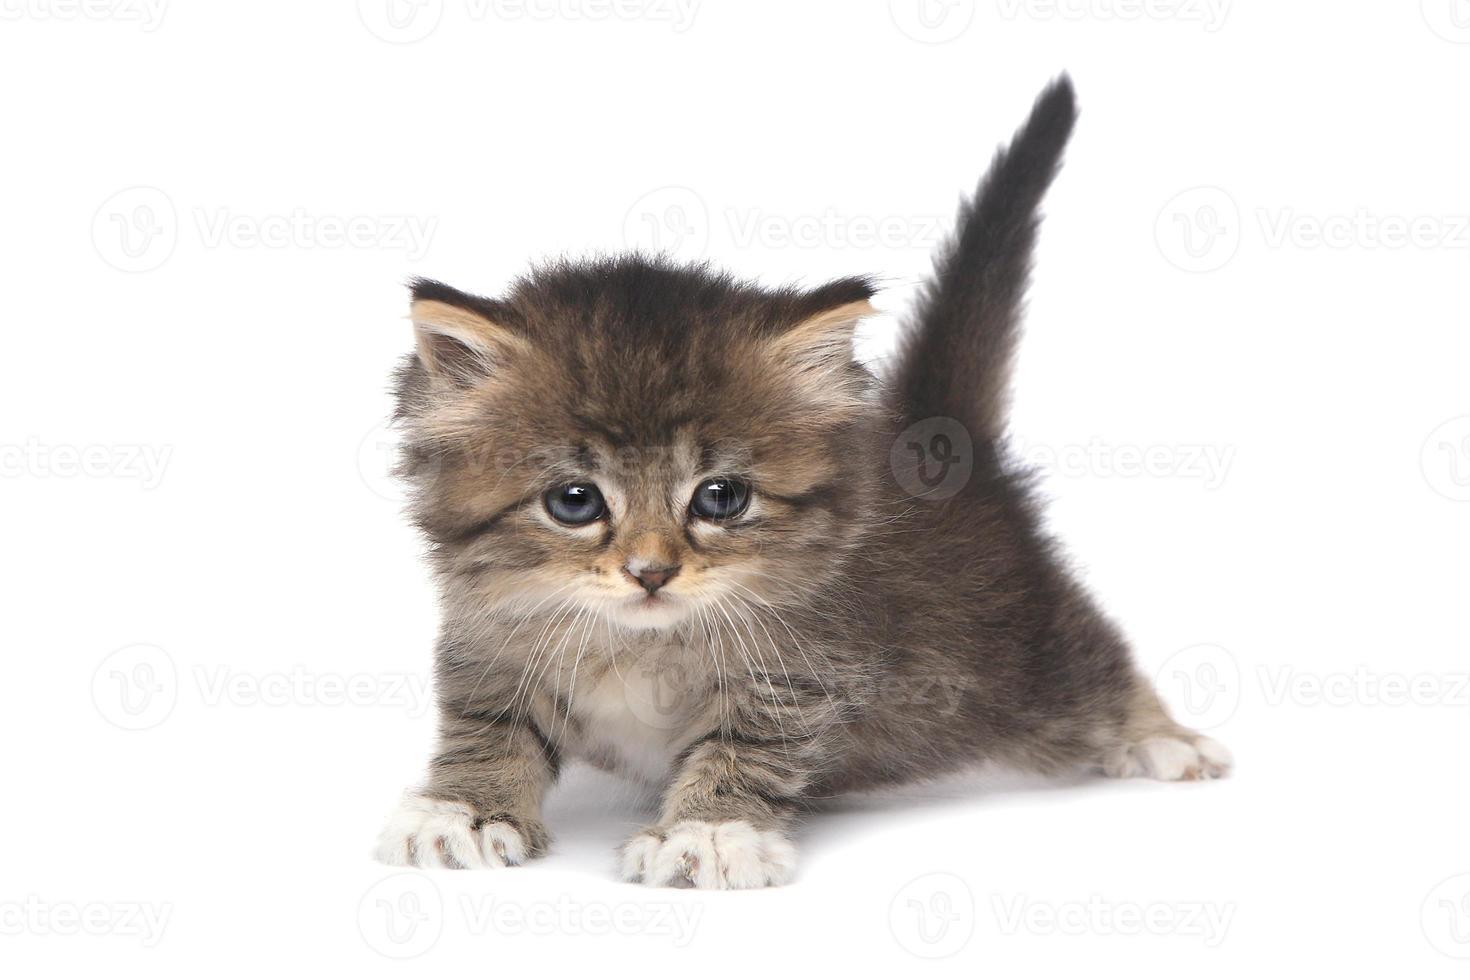 kleines 4 Wochen altes Kätzchen auf weißem Hintergrund foto